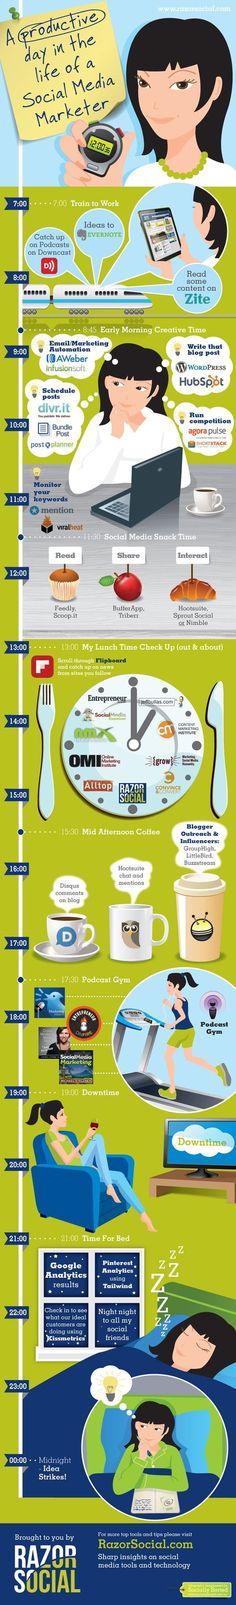 Una excelente infografía que nos muestra como es una jornada productiva en la vida de un responsable de marketing en las redes sociales.